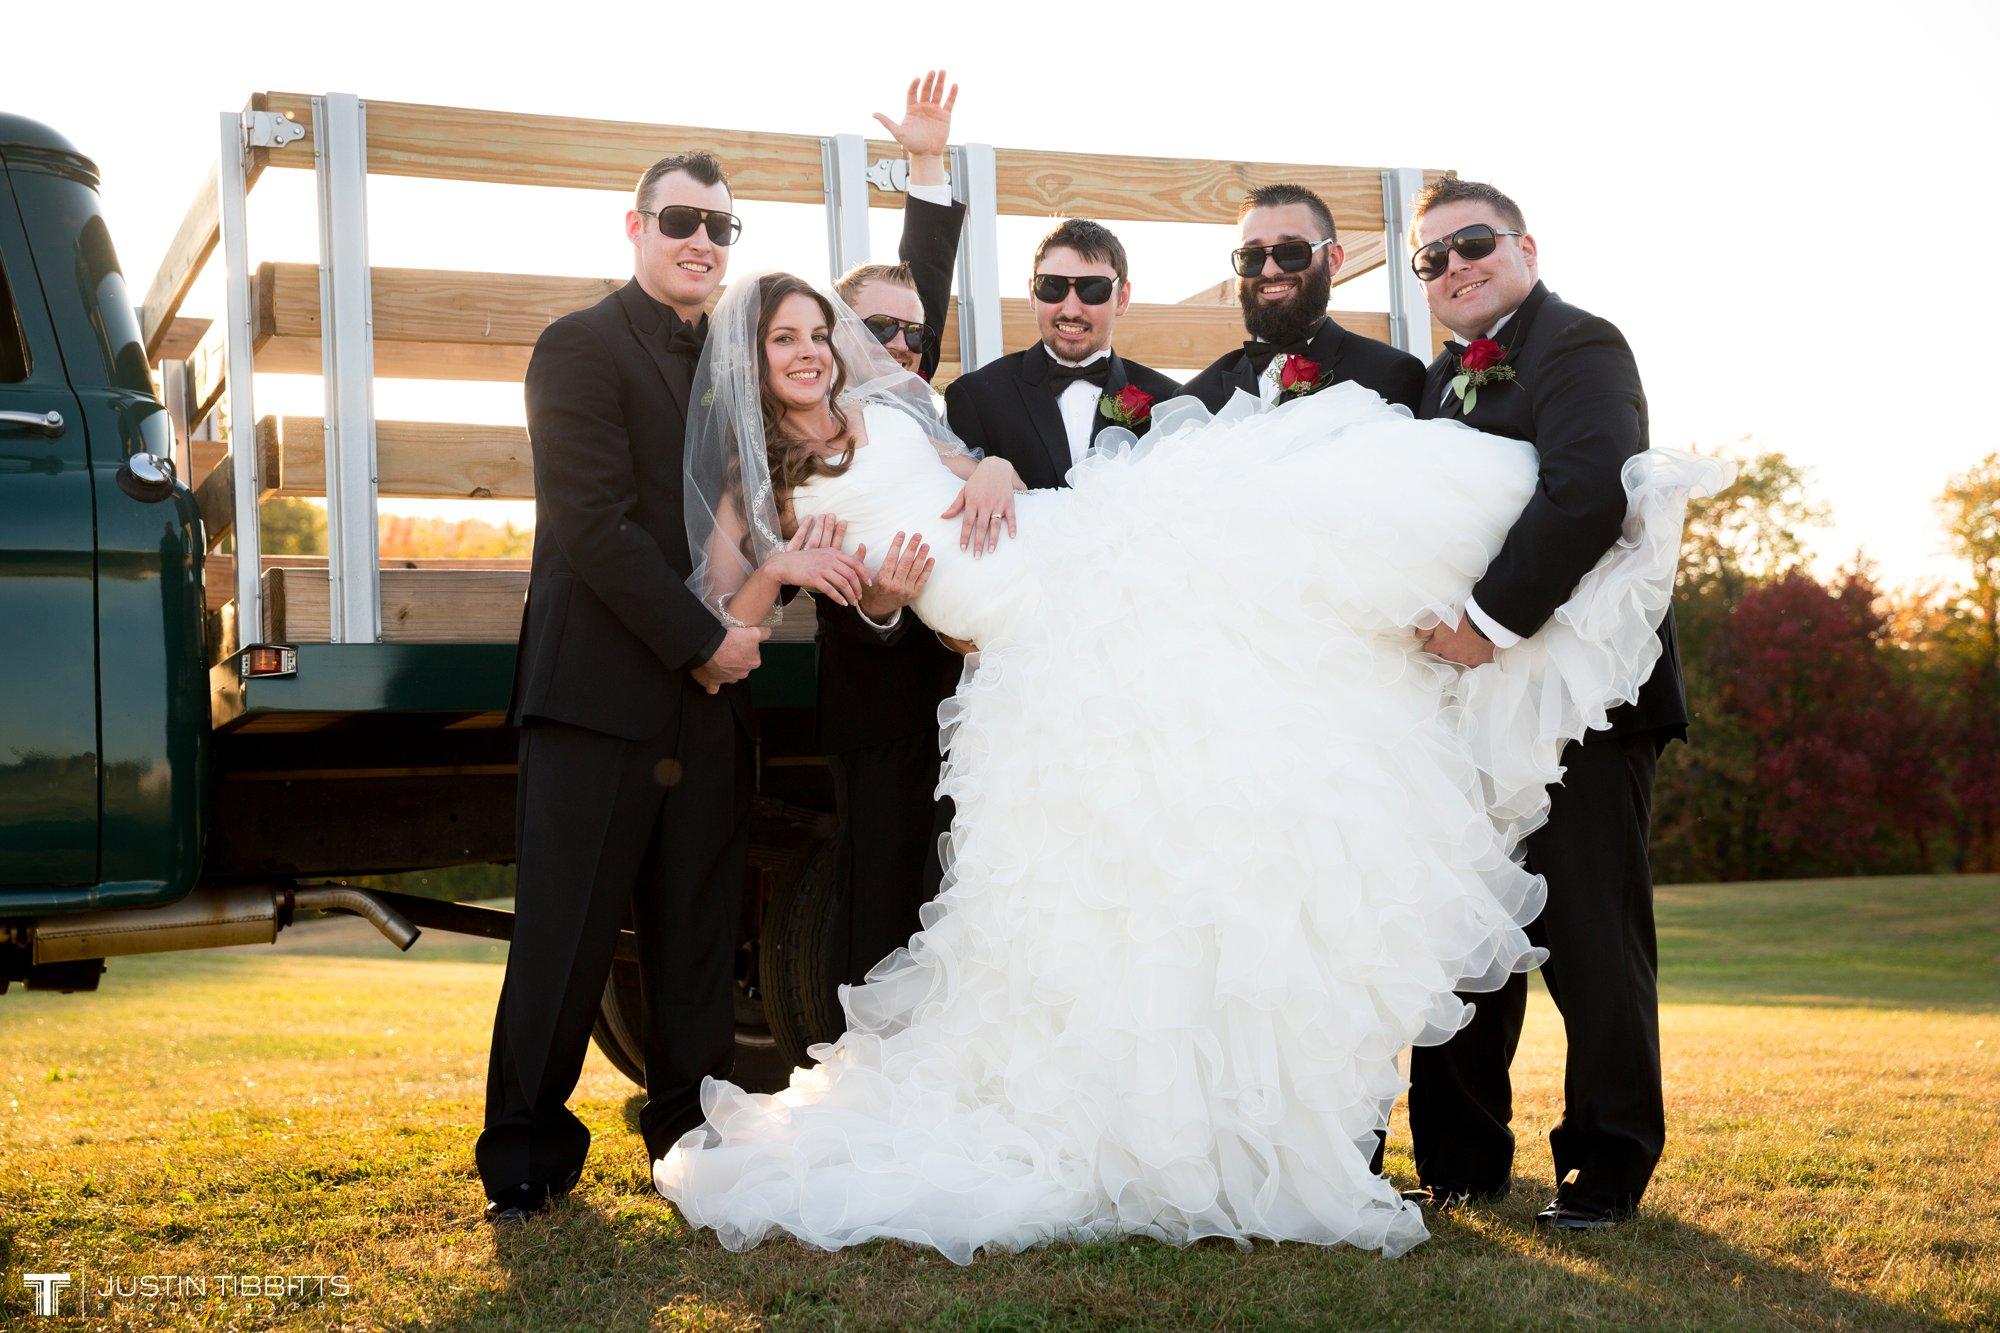 Albany NY Wedding Photographer Justin Tibbitts Photography 2014 Best of Albany NY Weddings-18622106